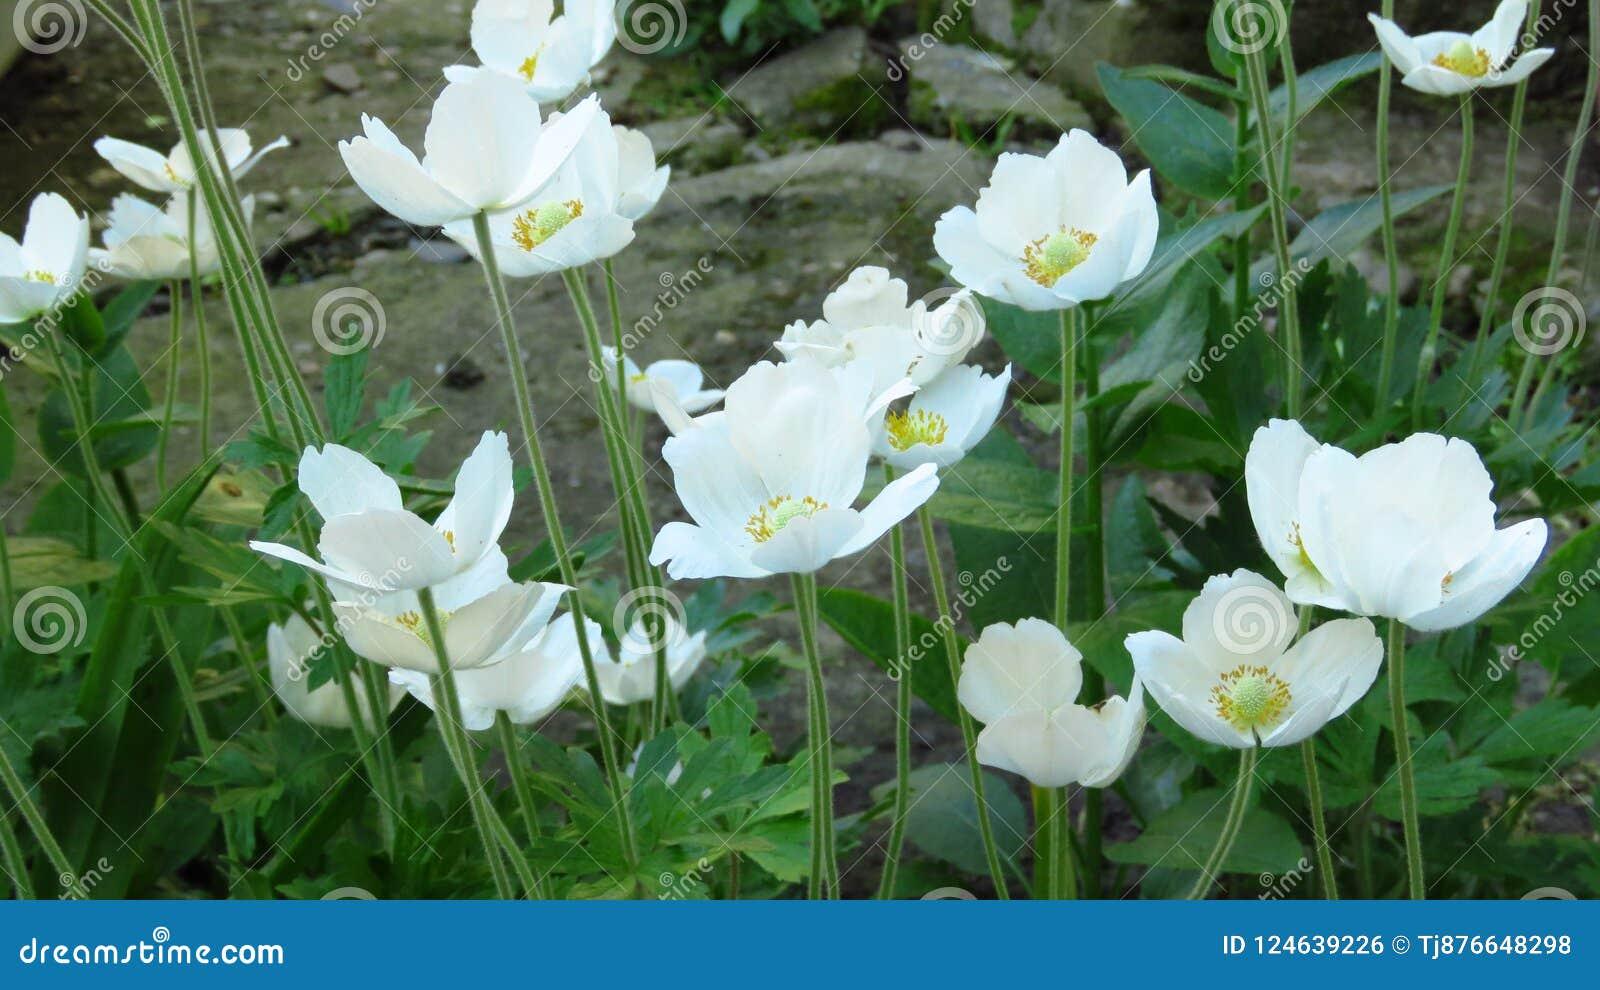 Wood Anemone Anemone Nemorosa Beautiful Summer White Garden